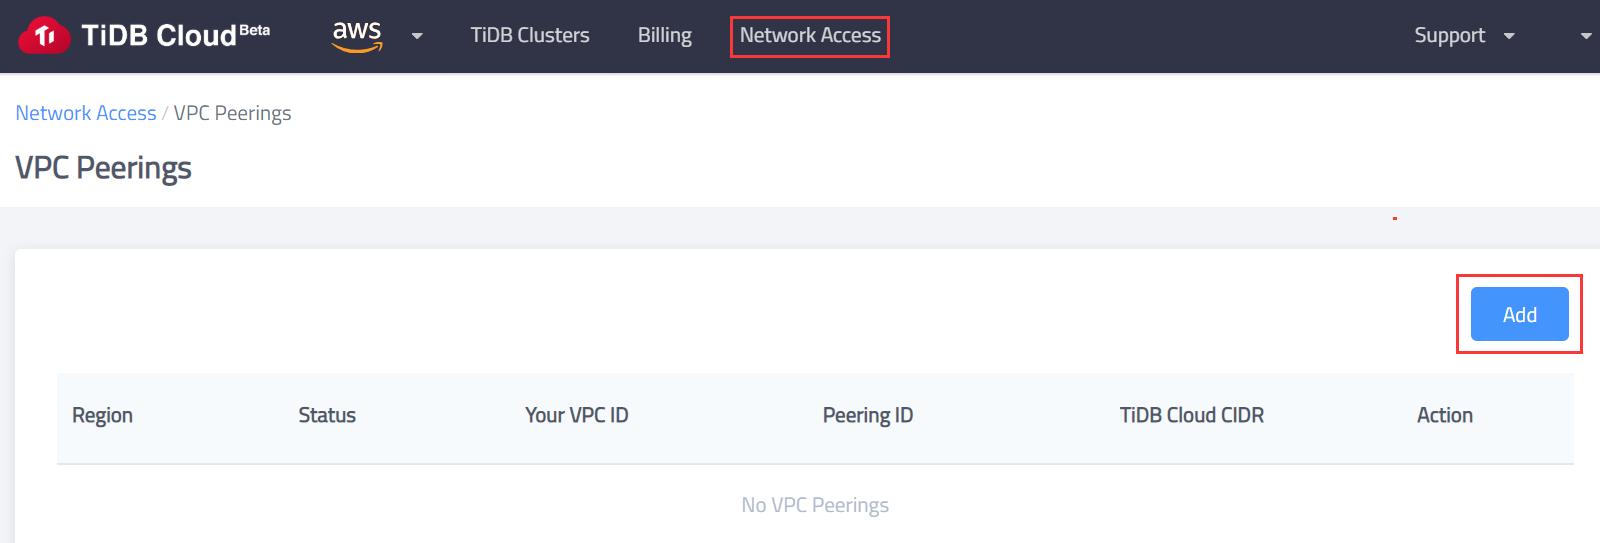 TiDB Cloud Network Access